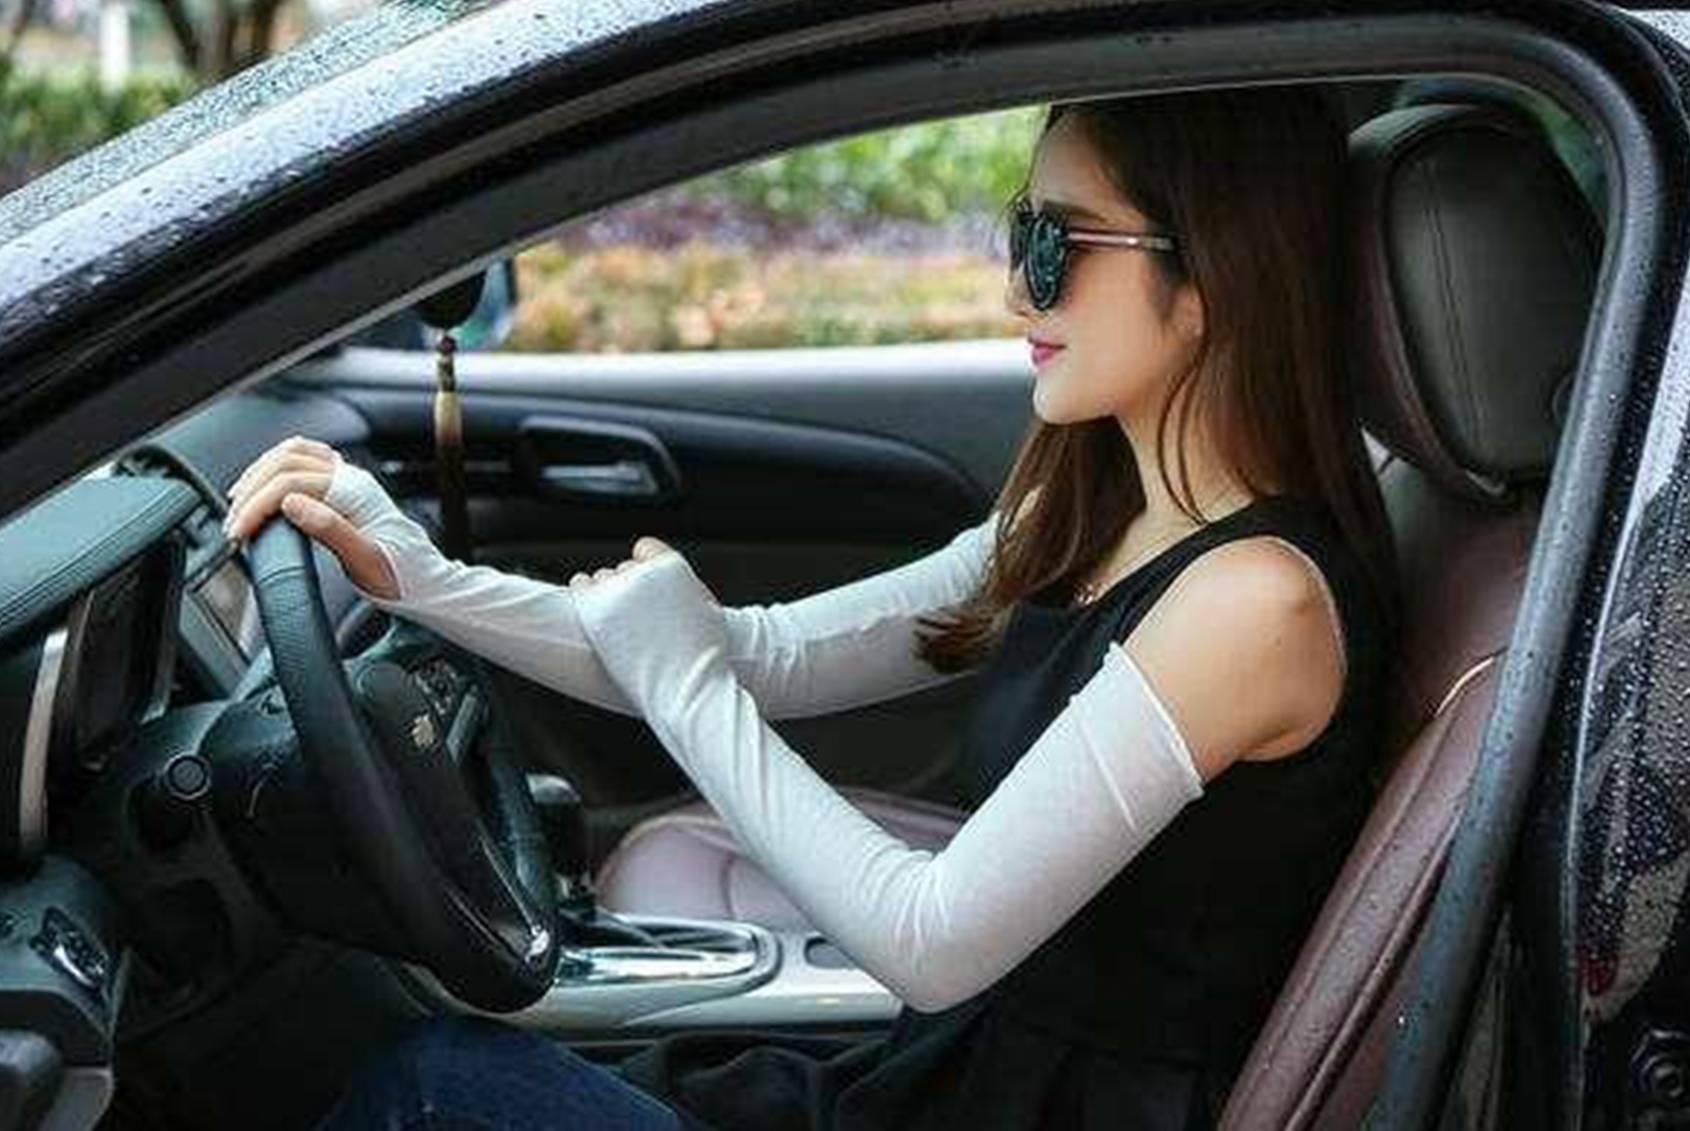 梦见开的车是纸的 梦见开纸糊的车子车